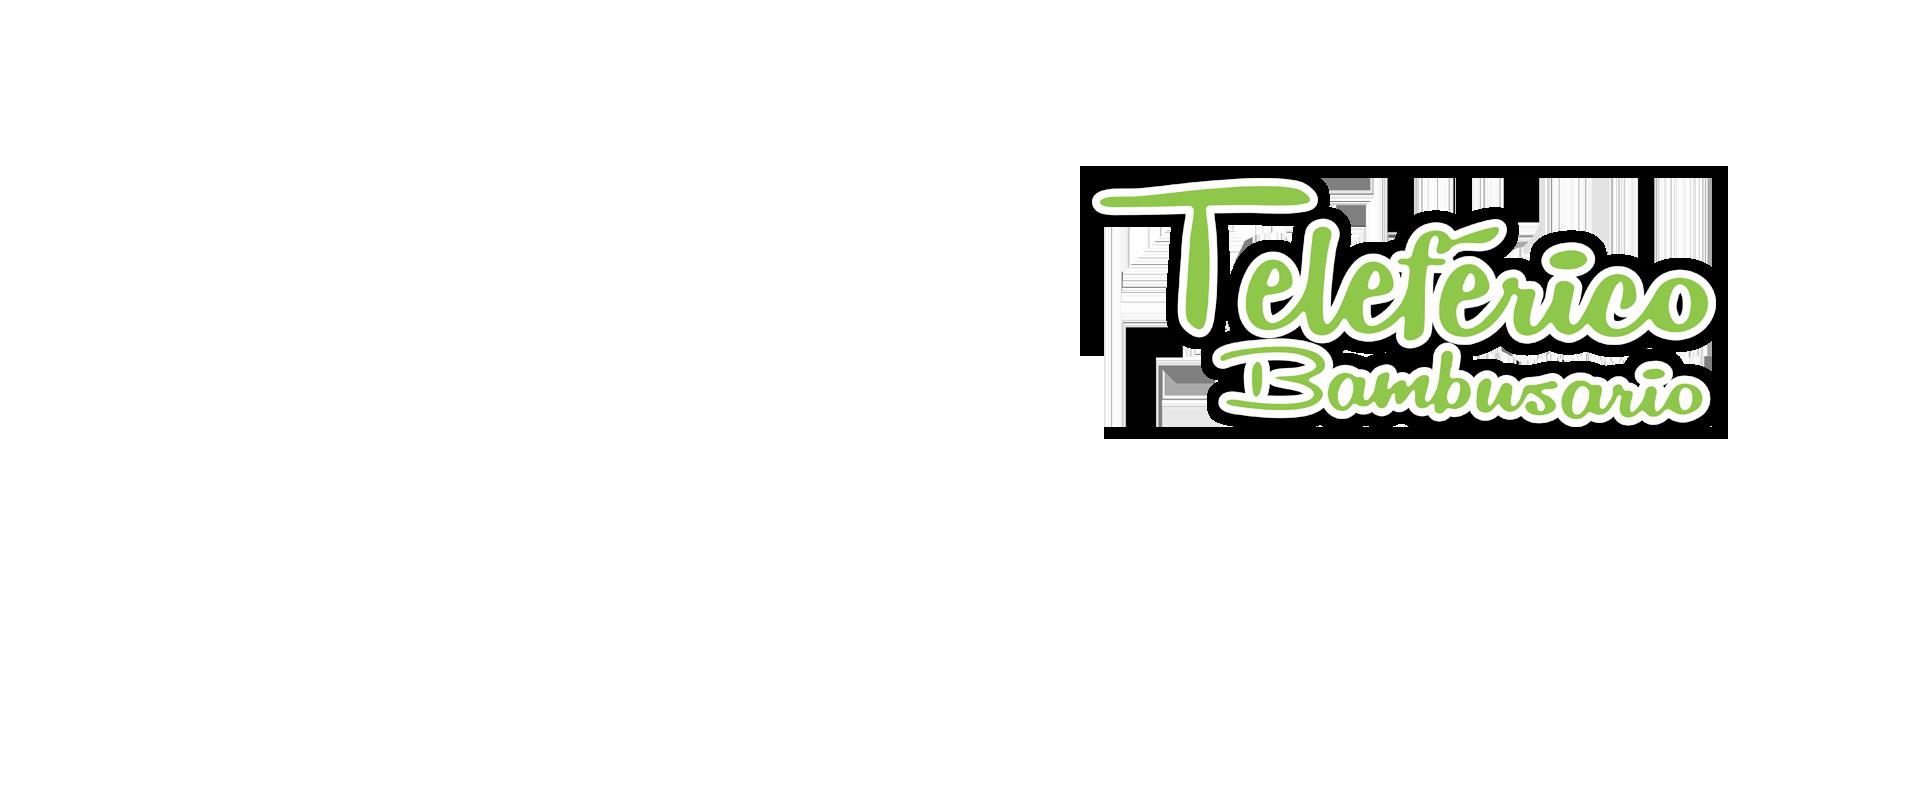 Sliders-Parque-del-Cafe---Bambusario-Logo-Verde